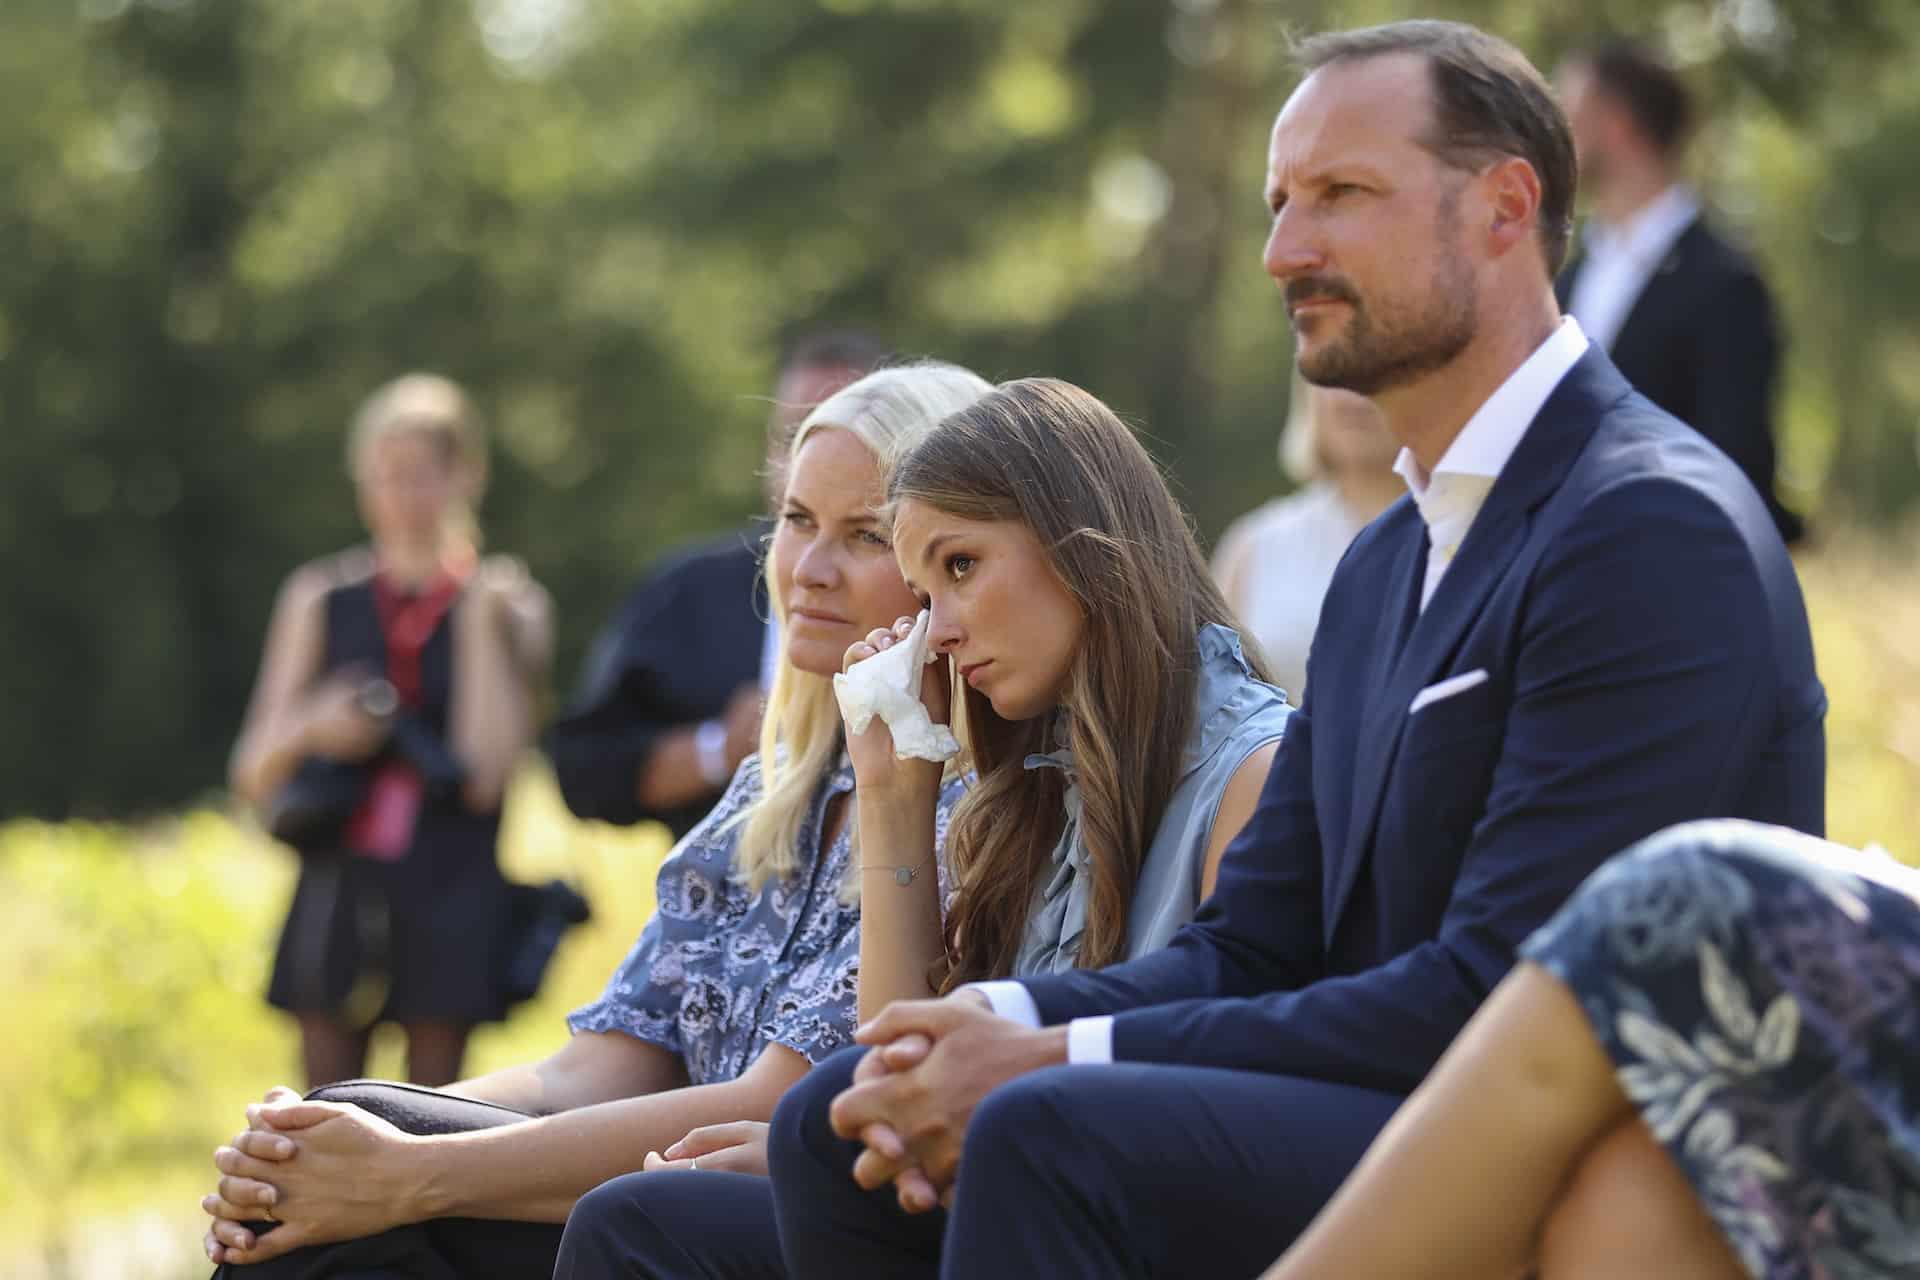 Prinzessin Ingrid Alexandra hat mit ihren Eltern eine Gedenkveranstaltung für die Terroropfer besucht. Plötzlich konnte die 17-Jährige ihre Tränen nicht mehr zurückhalten.